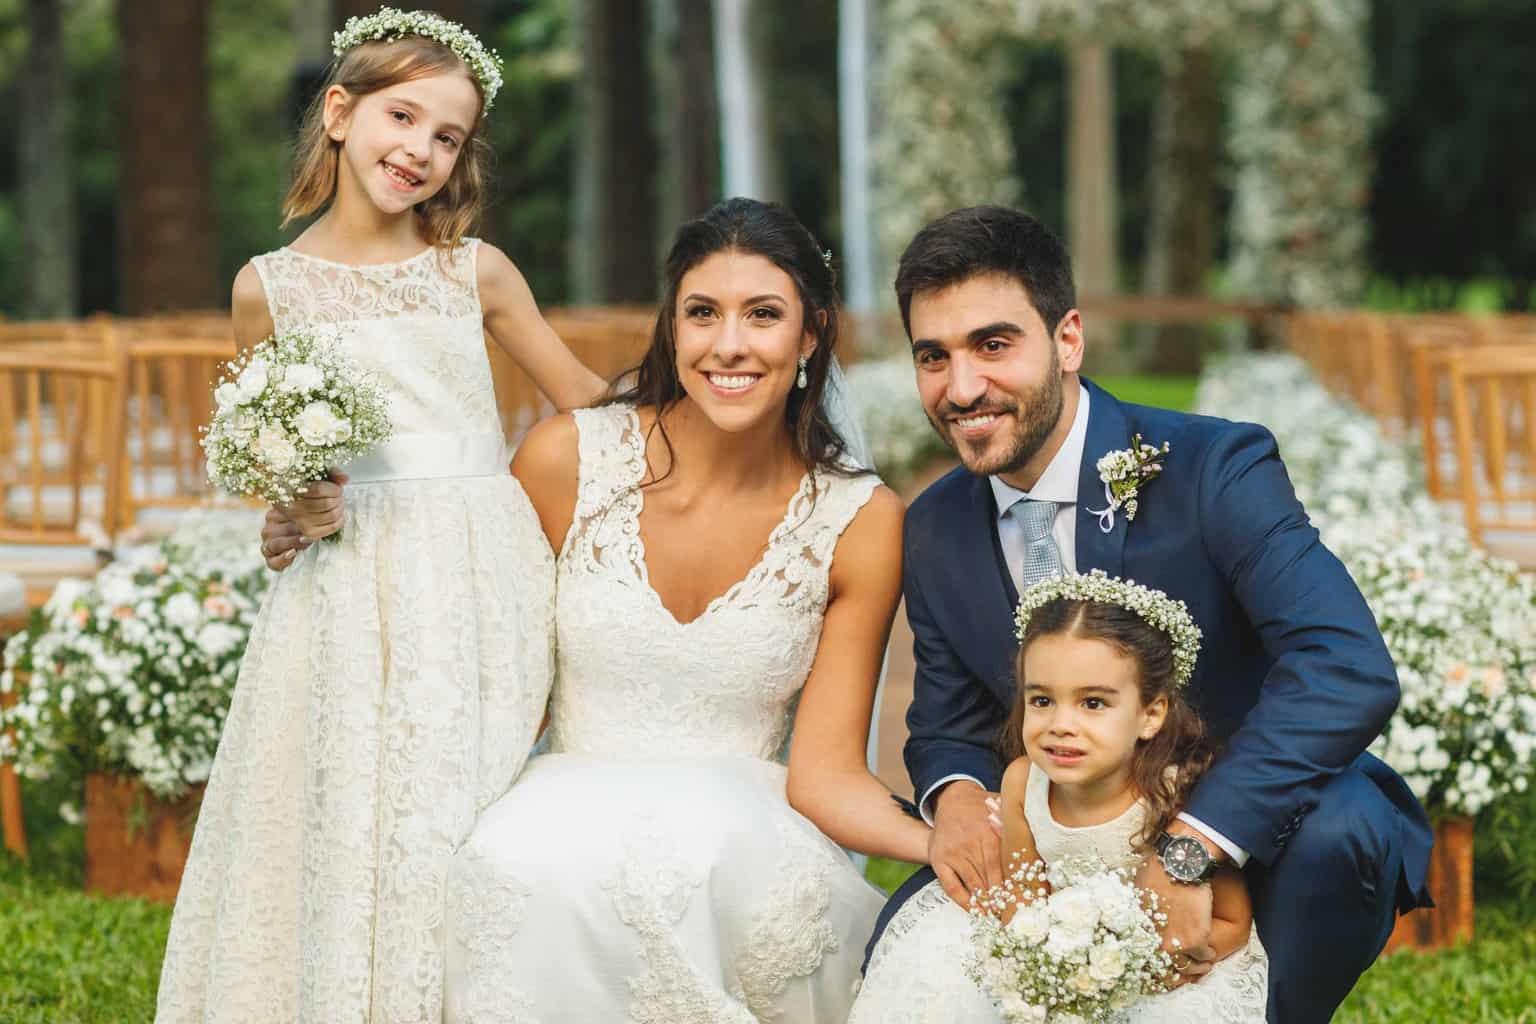 casamento-na-Fazenda-Vila-Rica-cerimonia-ao-ar-livre-cerimonial-Ana-Paula-Tabet-Fotografia-Euka-Weddings-Renata-e-Gabriel101